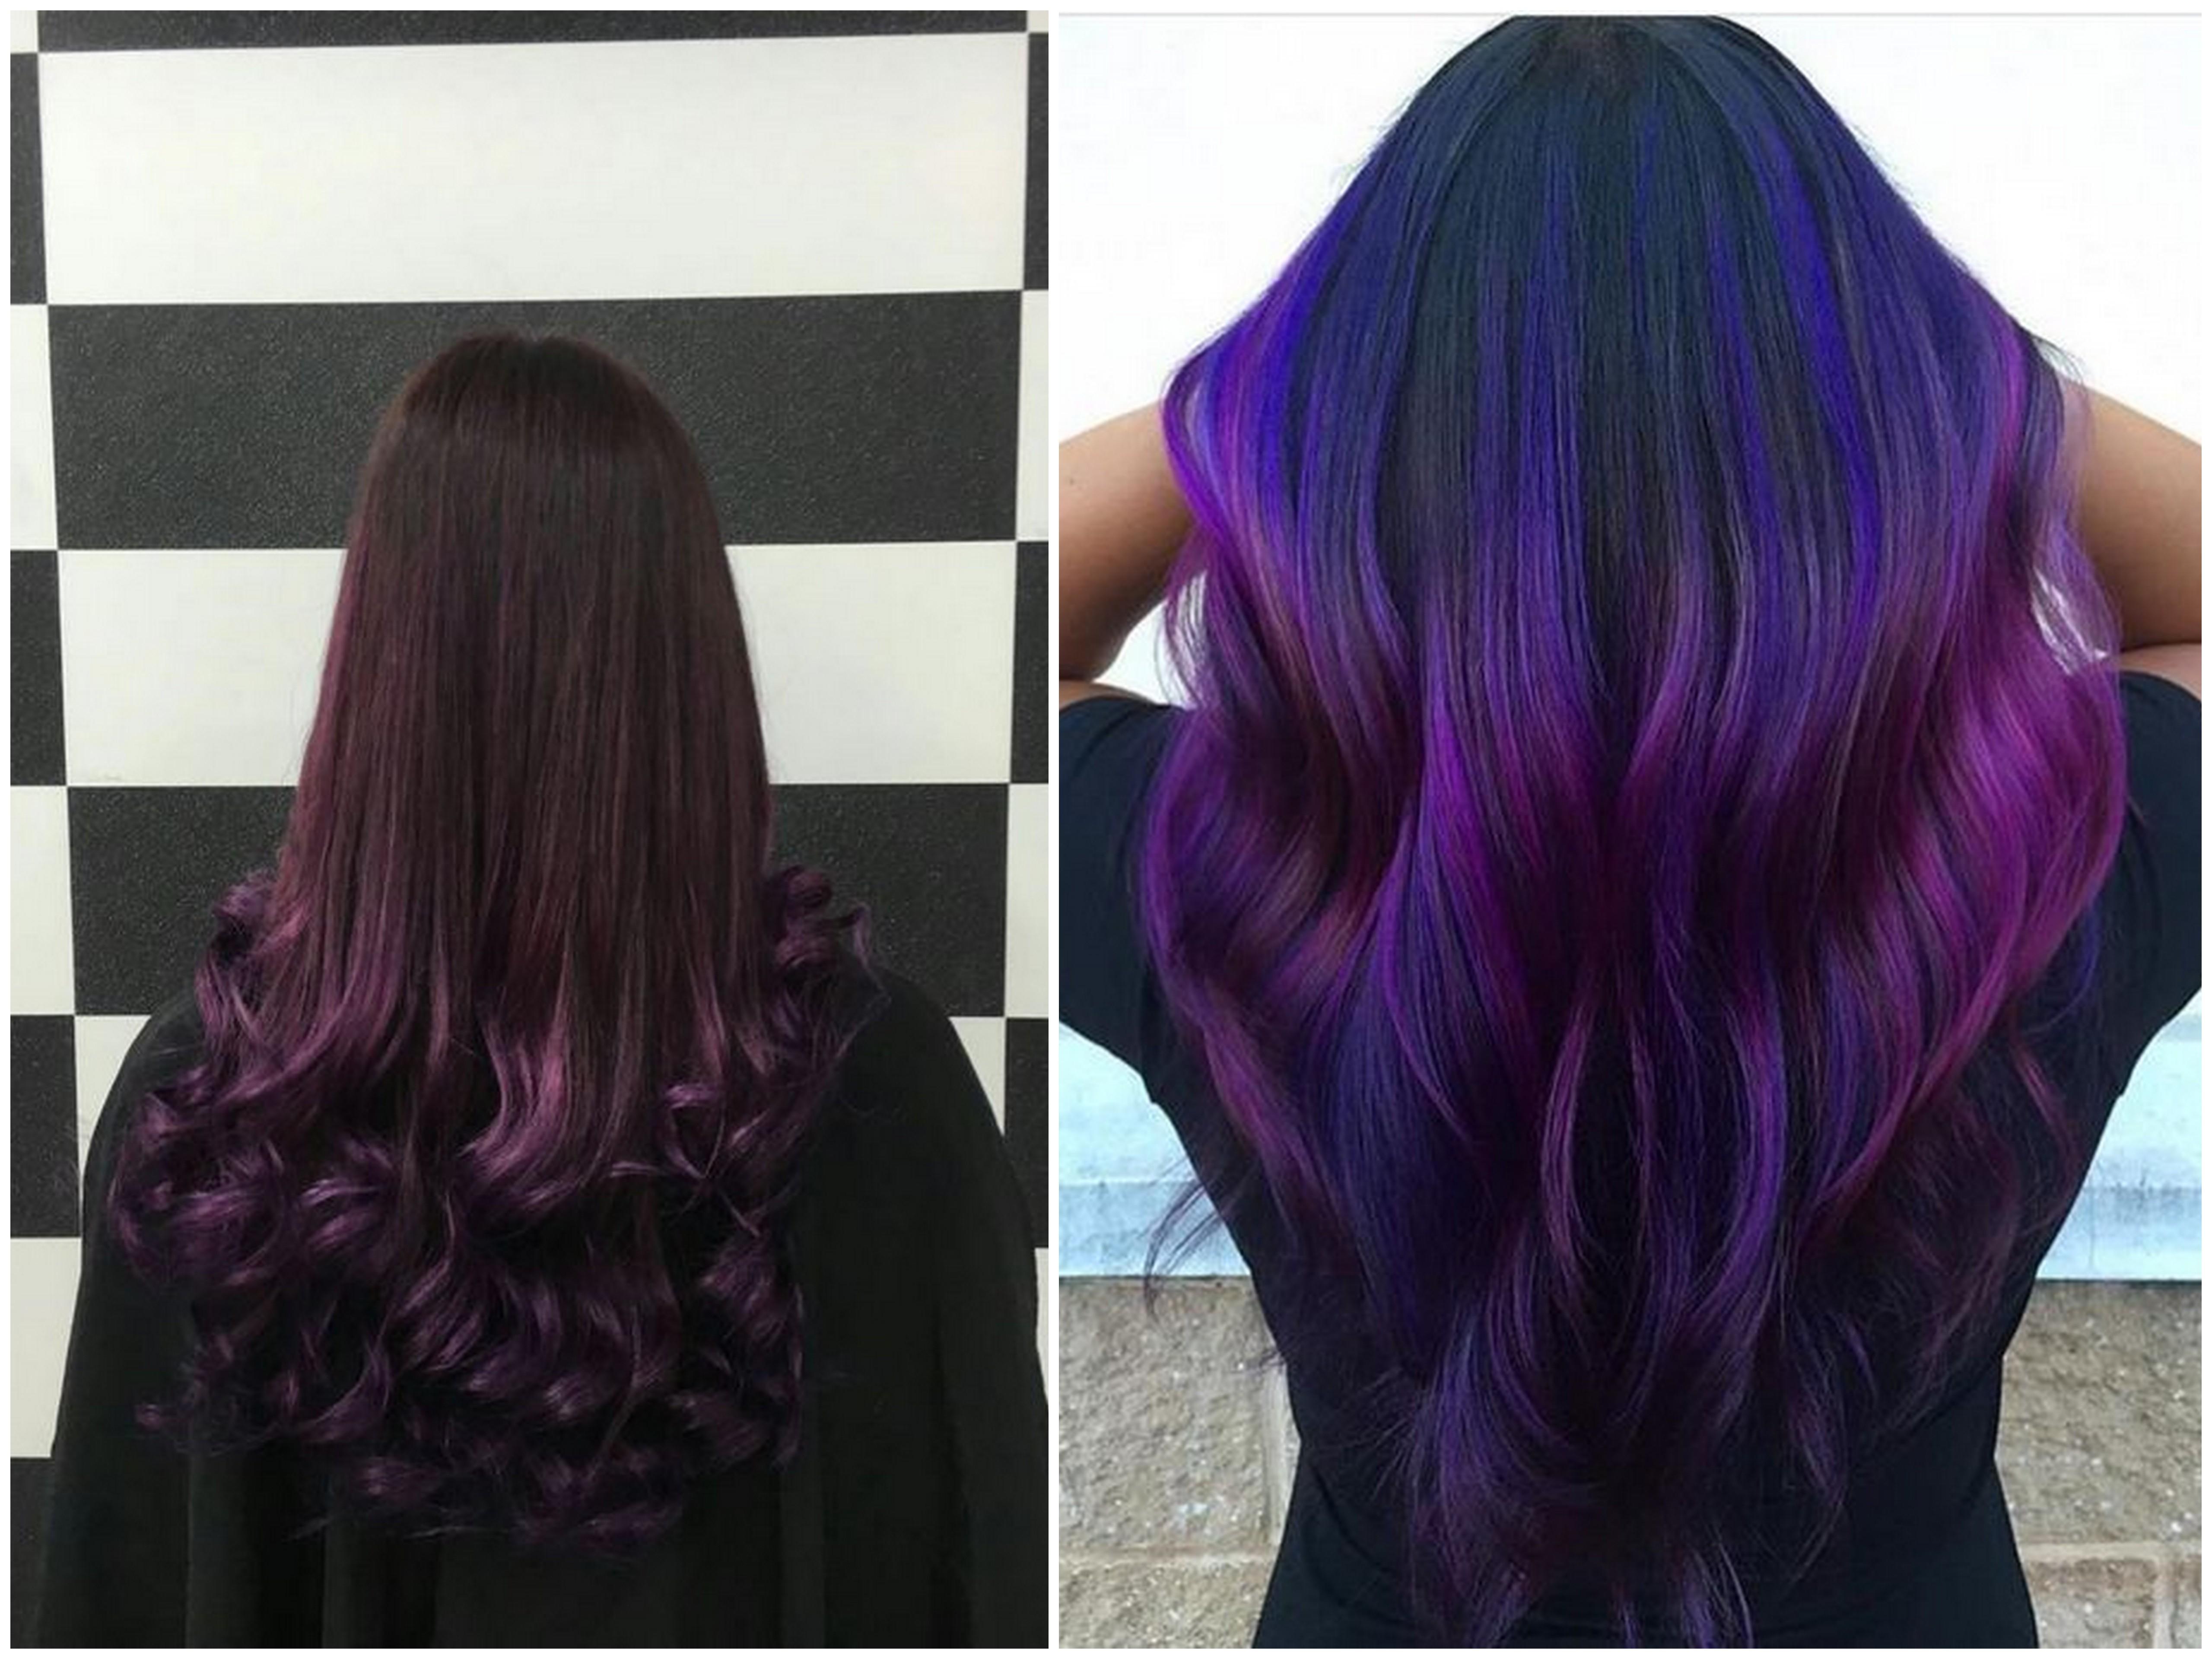 Shatush viola per capelli castani e neri  le tonalità più belle e ... 77a7ec7d2b49